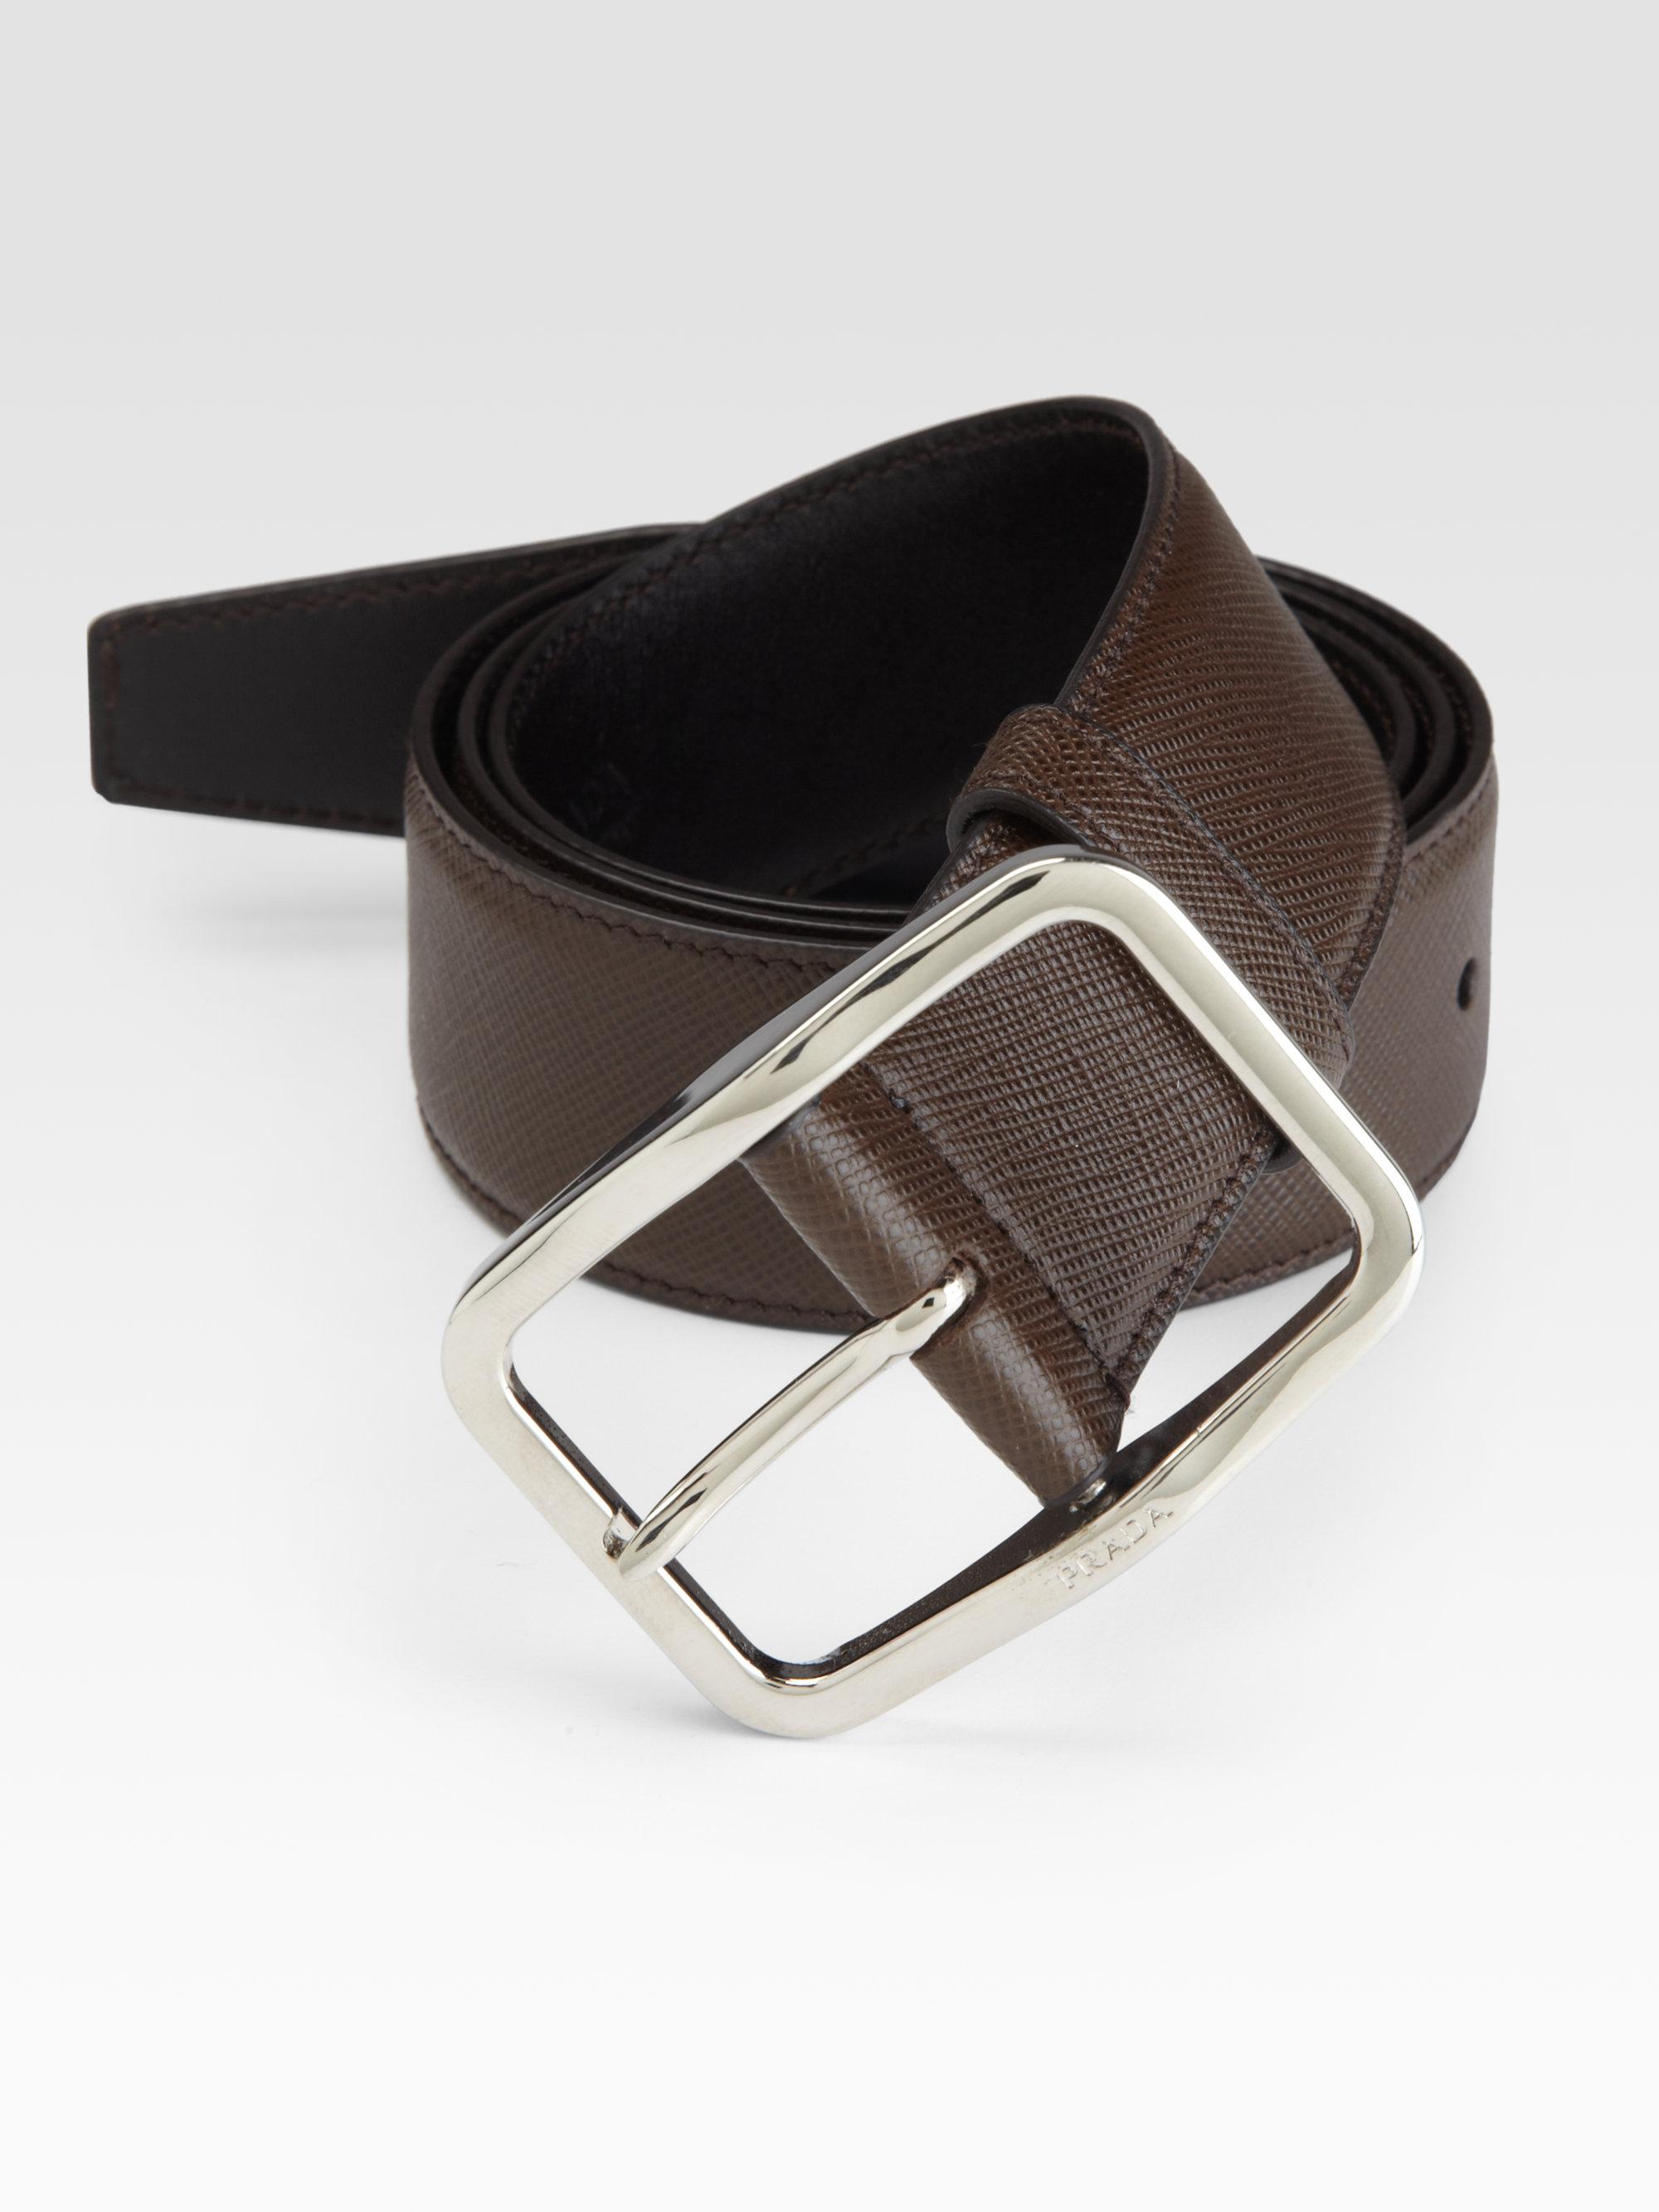 1a99d3da2709f ... new zealand lyst prada saffiano leather belt in brown for men 9c3a4  f0e79